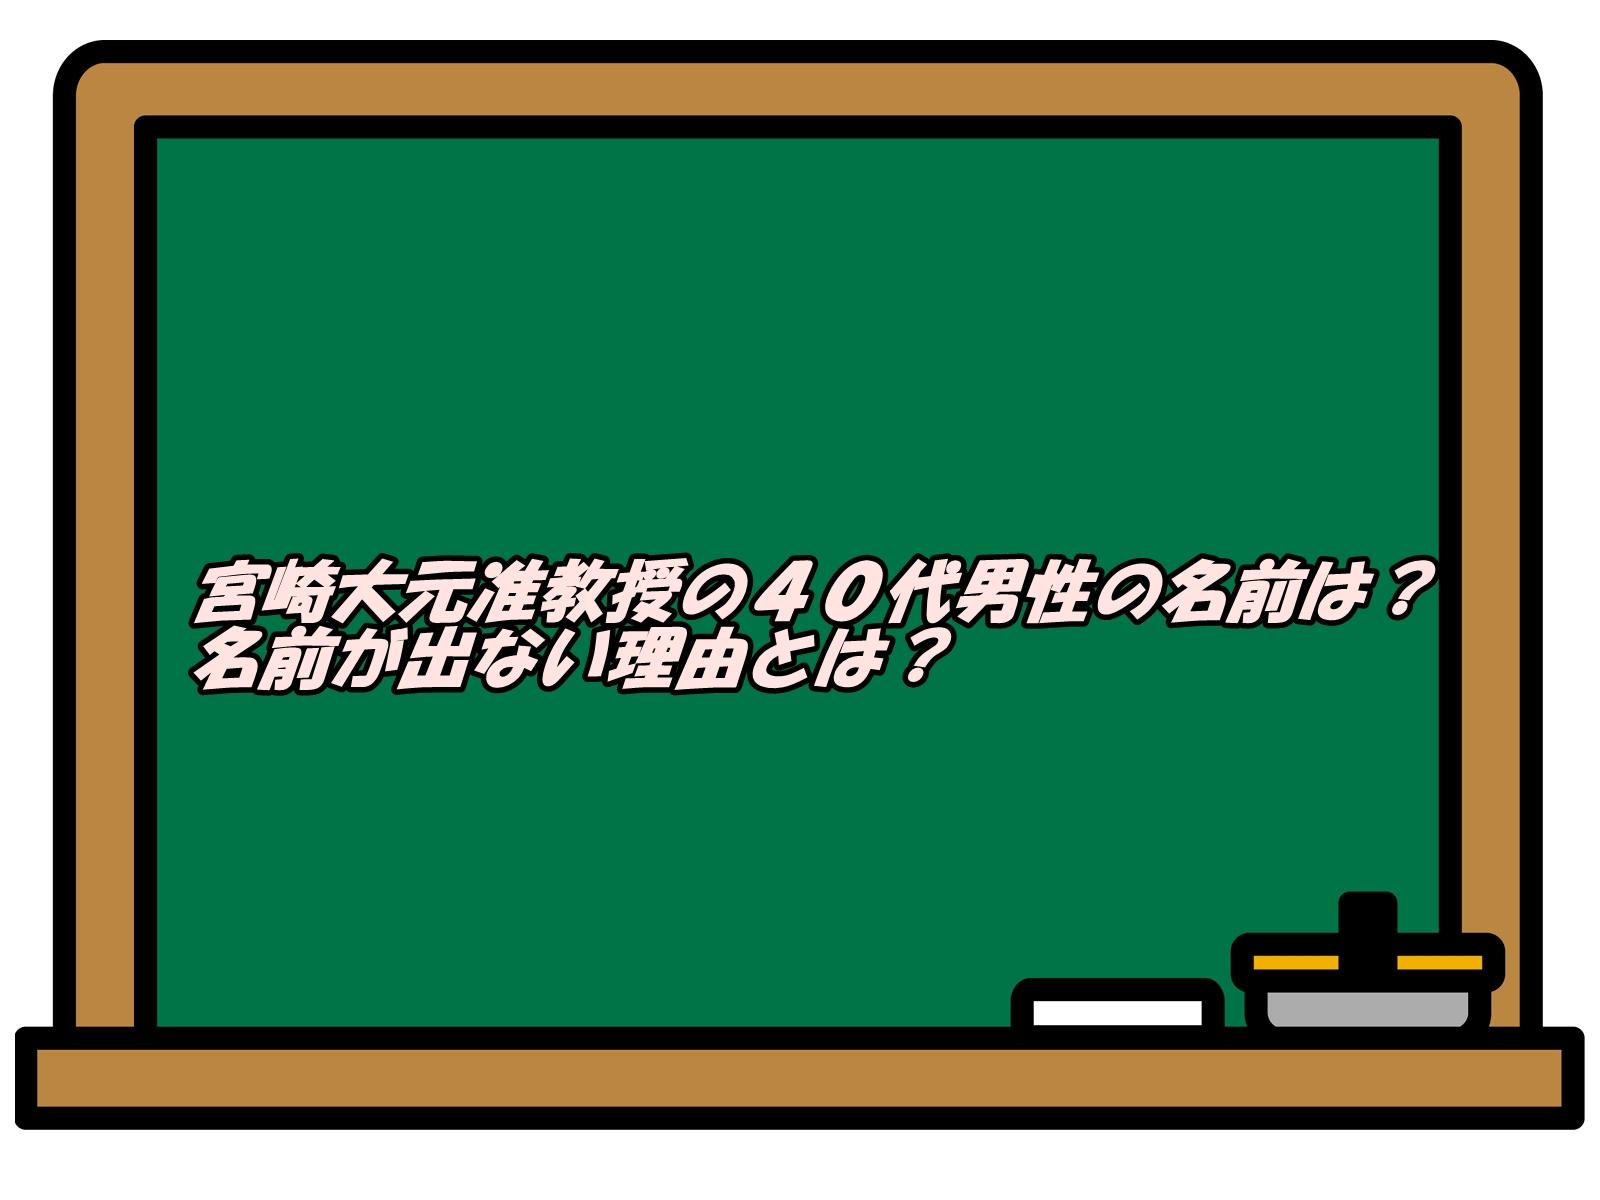 宮崎大元准教授の40代男性の名前は?名前が出ない理由とは?